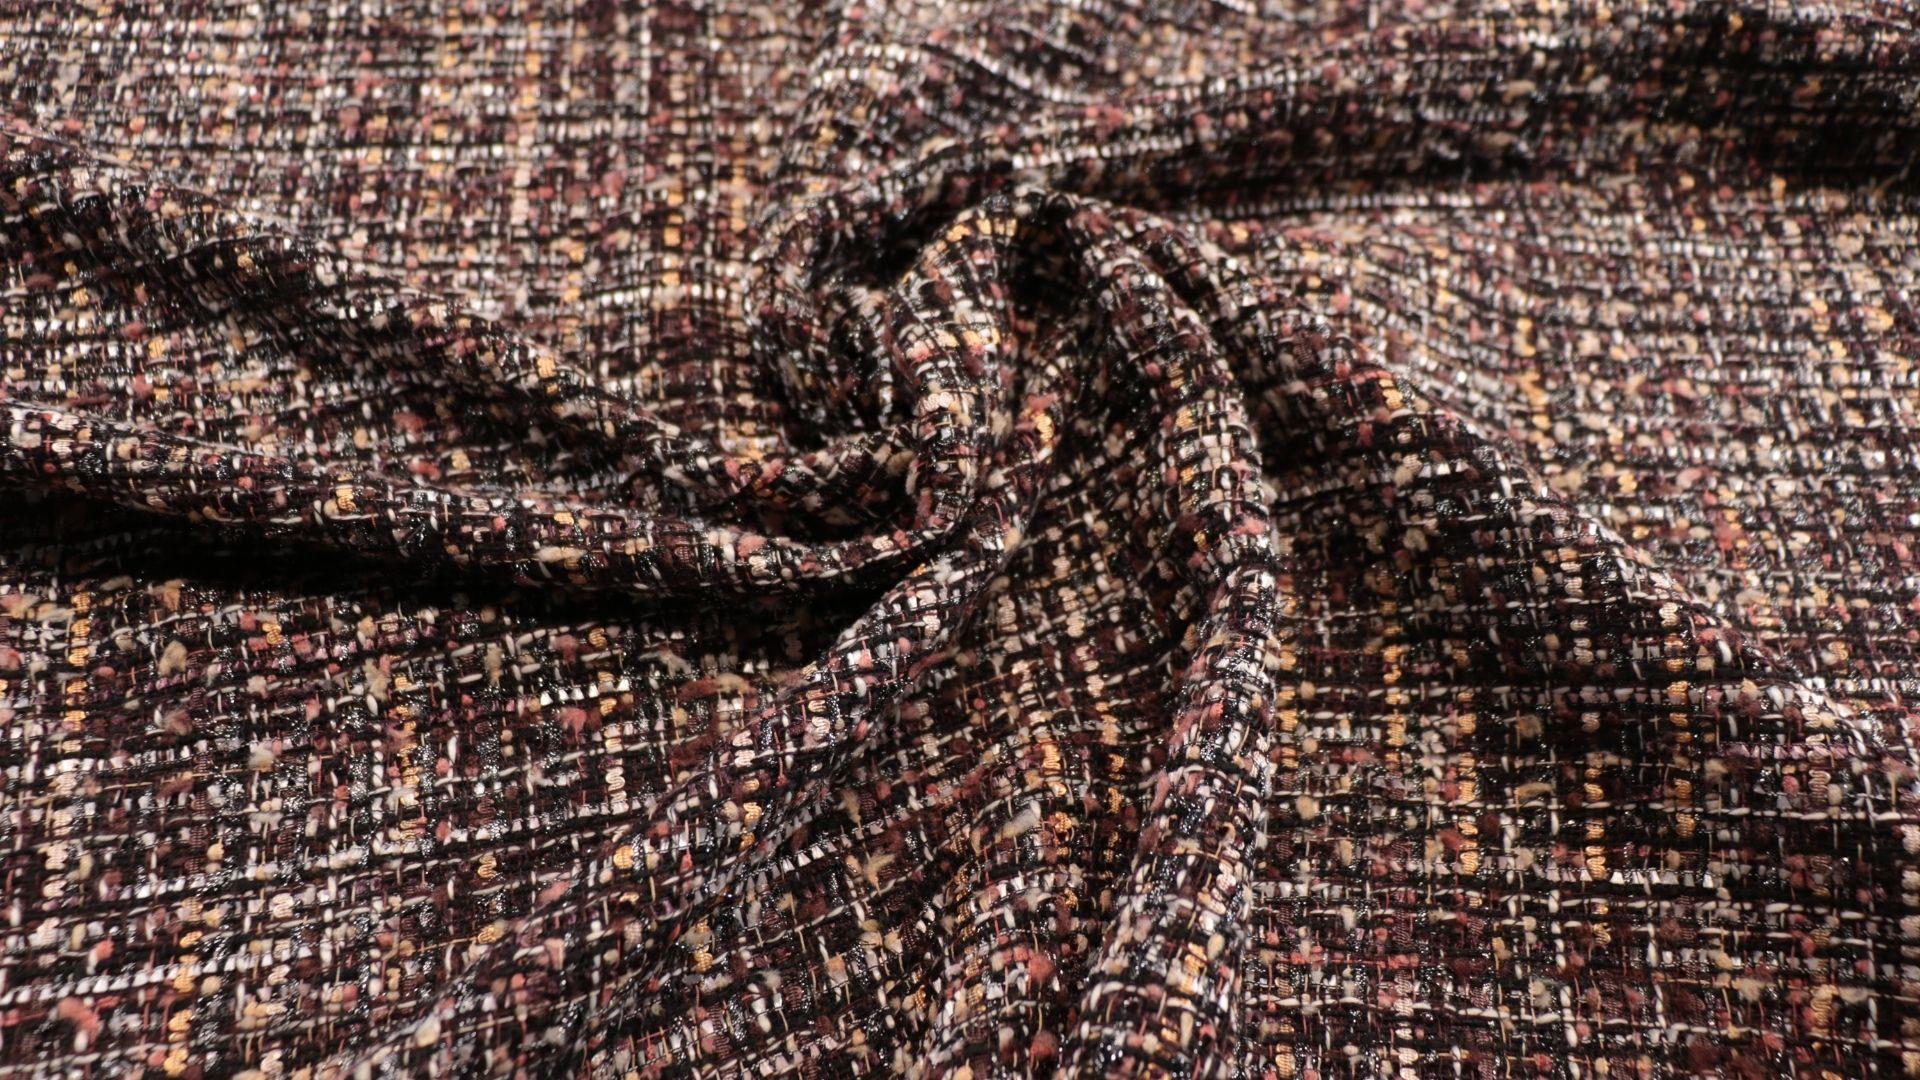 il particolare del tessuto teilleurs gertrude, appartenente alla categoria fantasie tailleurs, di Leadford & Logan